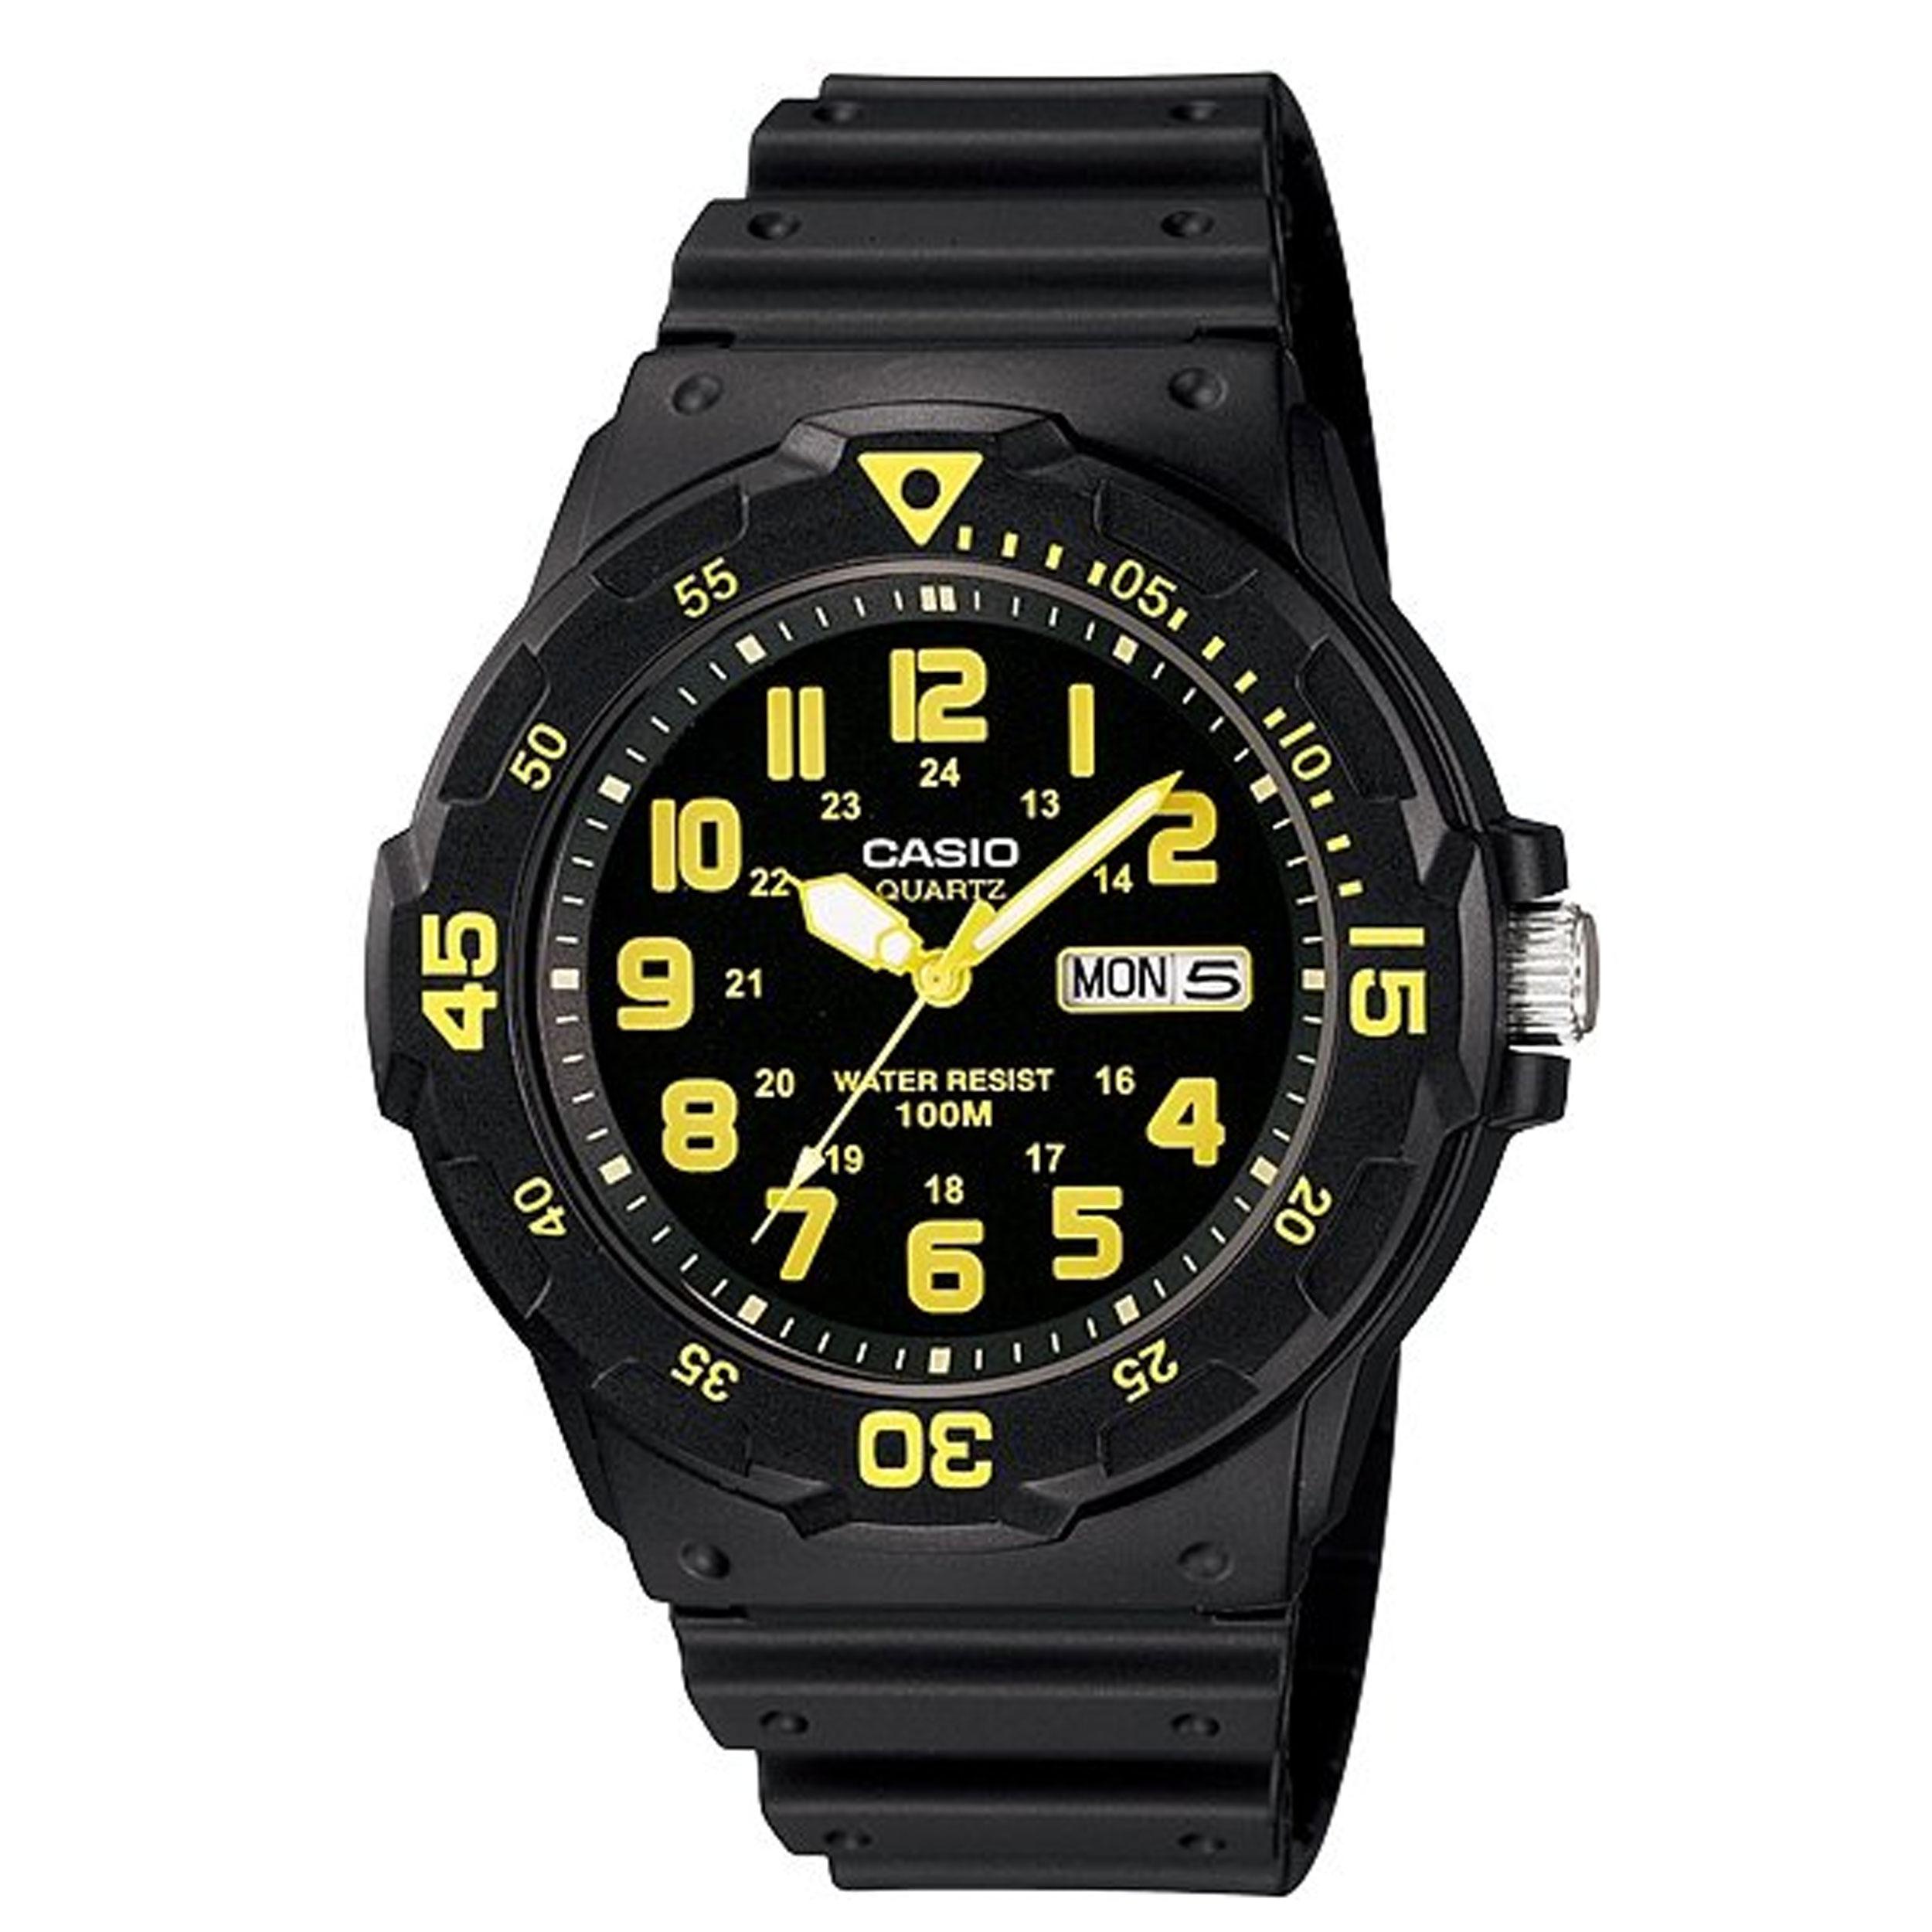 ساعت مچی عقربه ای مردانه کاسیو مدل MRW-200H-9B              خرید (⭐️⭐️⭐️)